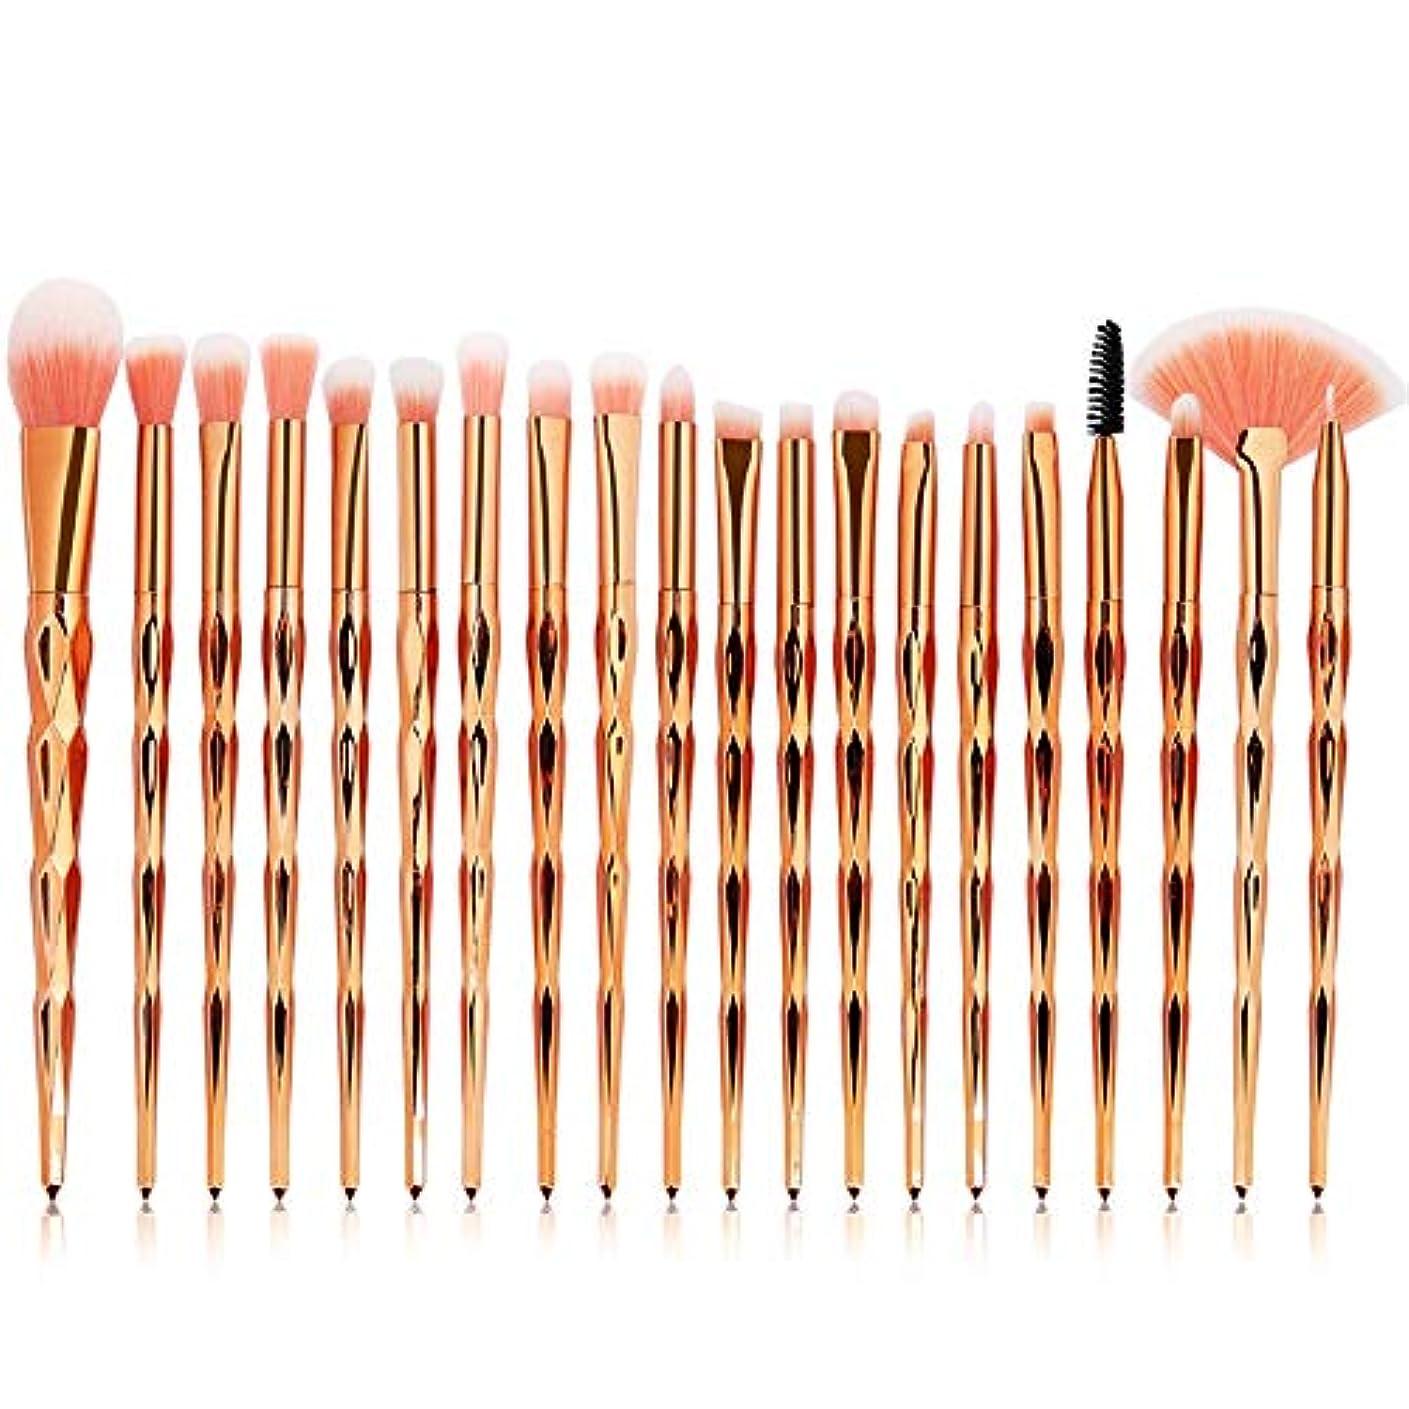 旅行代理店絞る置換Makeup brushes イエロー、20ダイヤモンドメイクブラシセットファンデーションパウダーブラッシュアイシャドウリップブラシモトリーメイクメイク suits (Color : Golden)